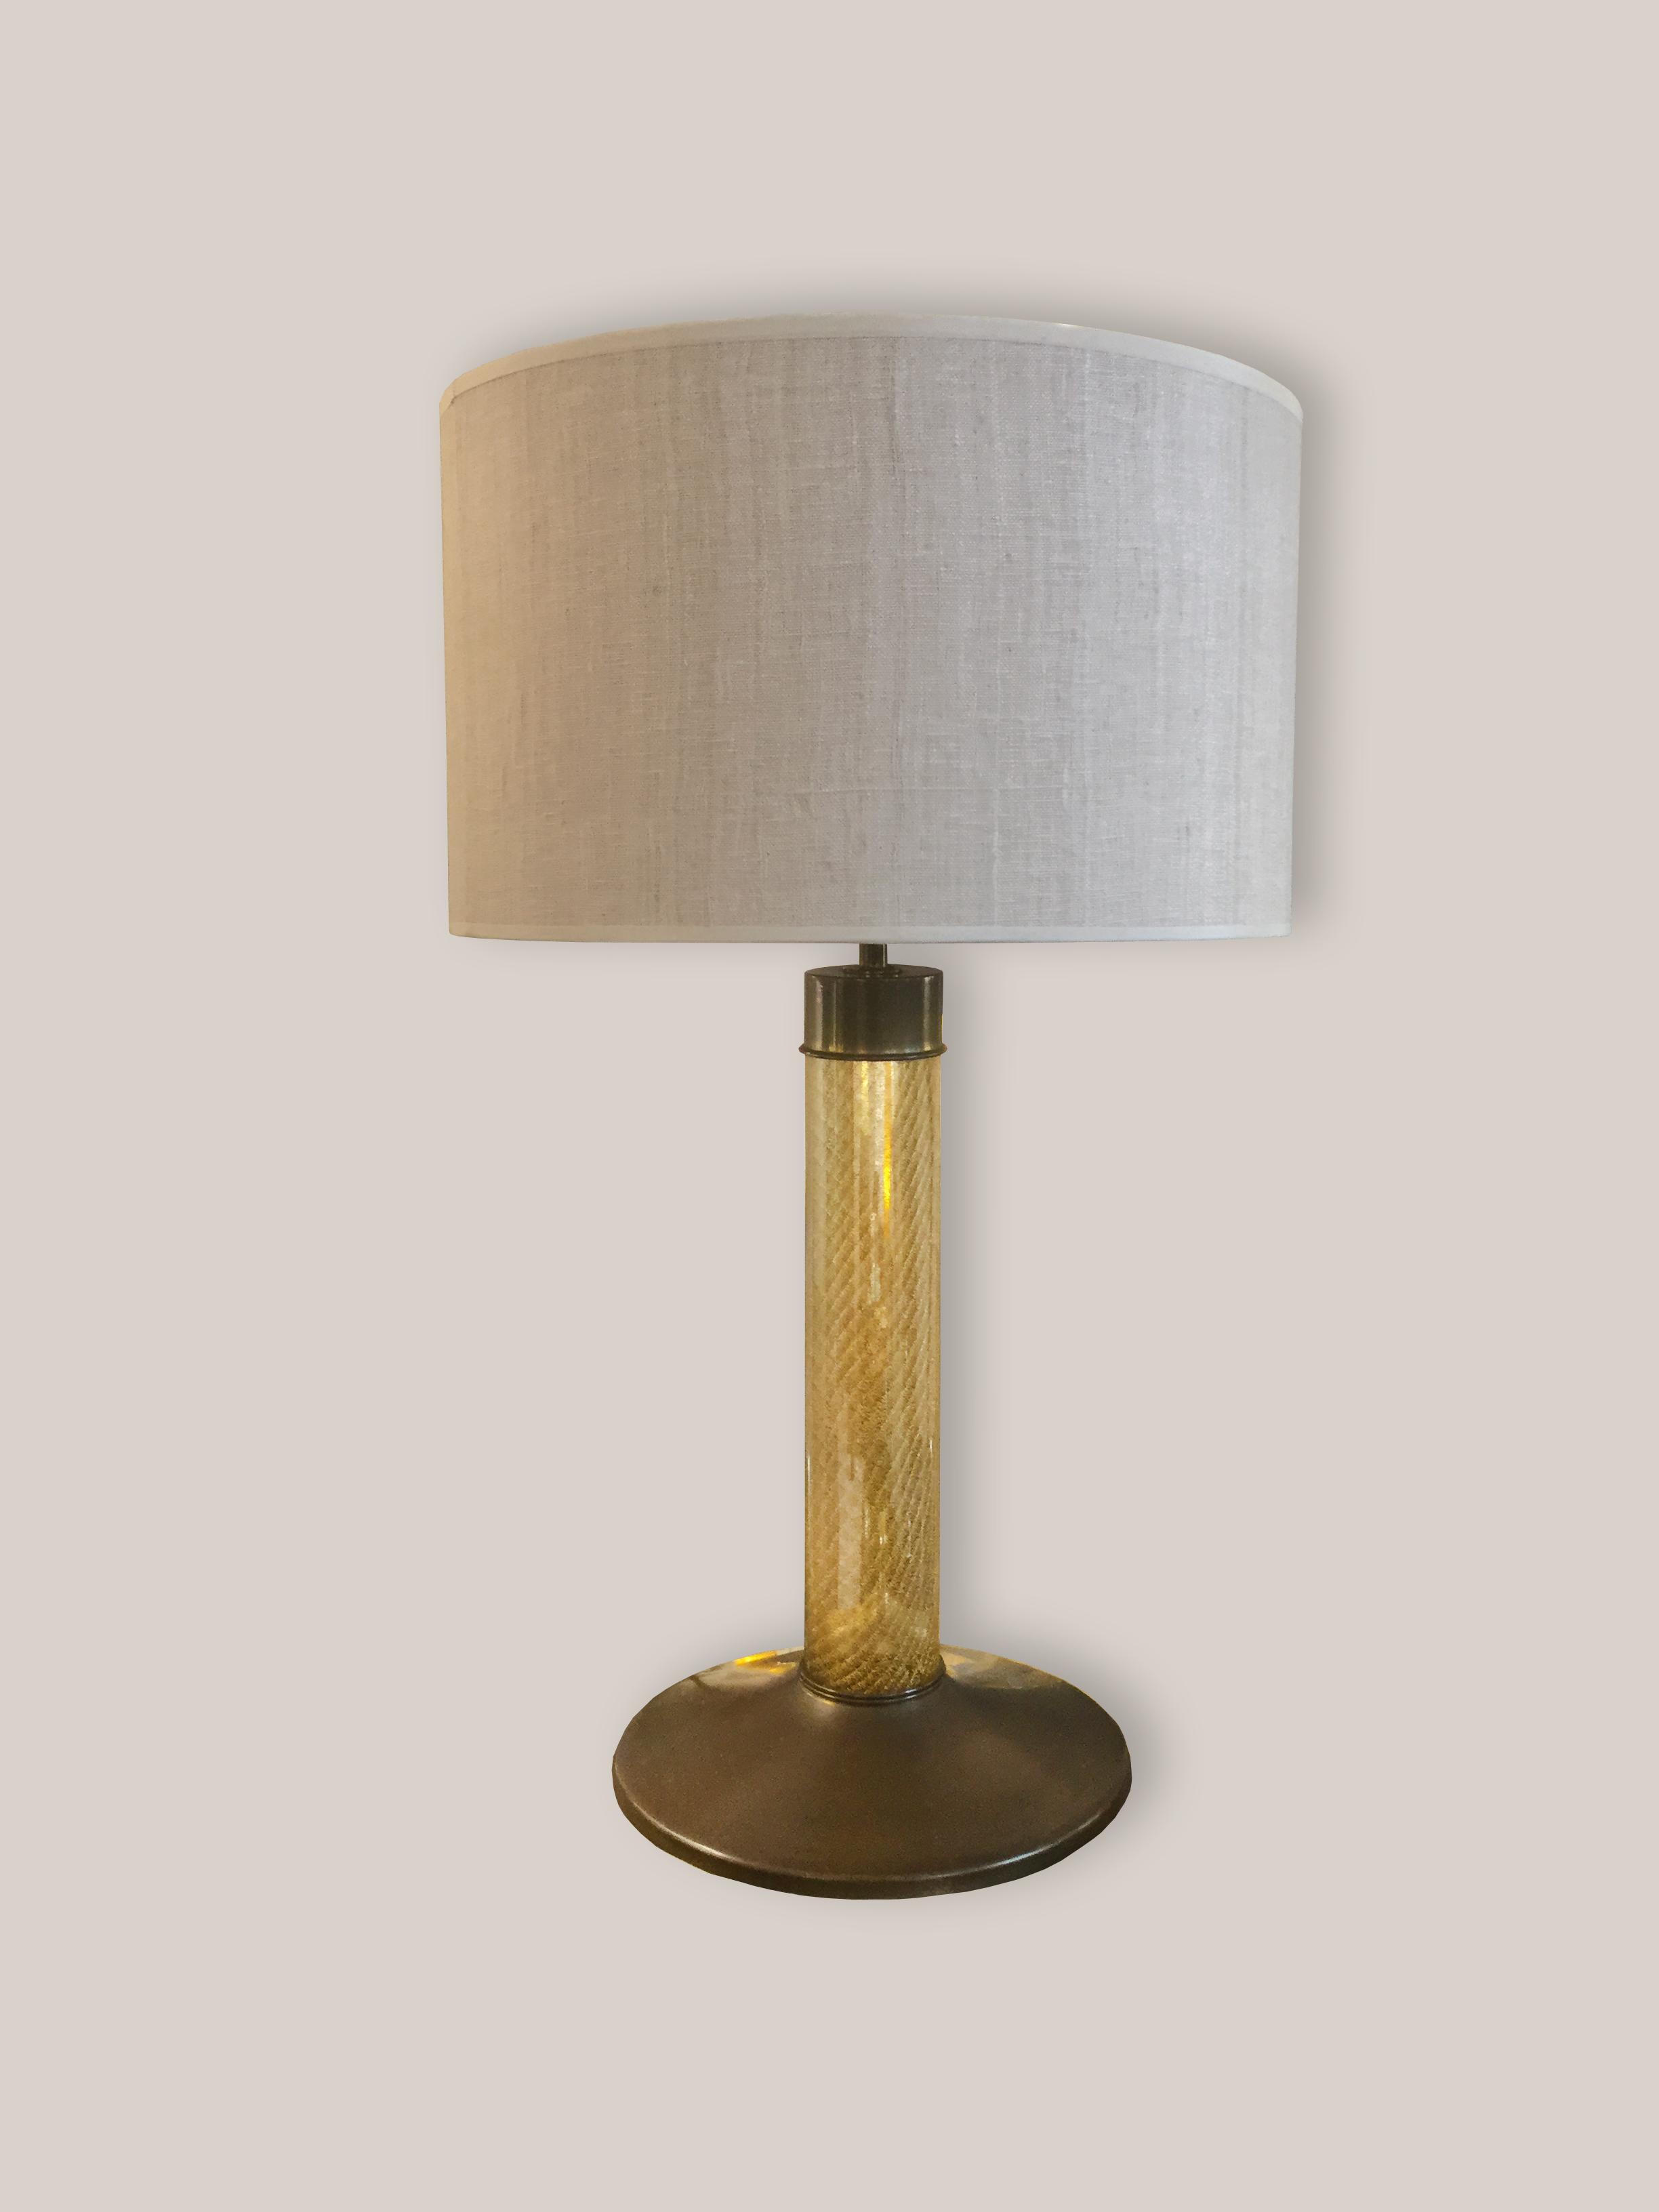 Lampe Tommaso Barbi 1